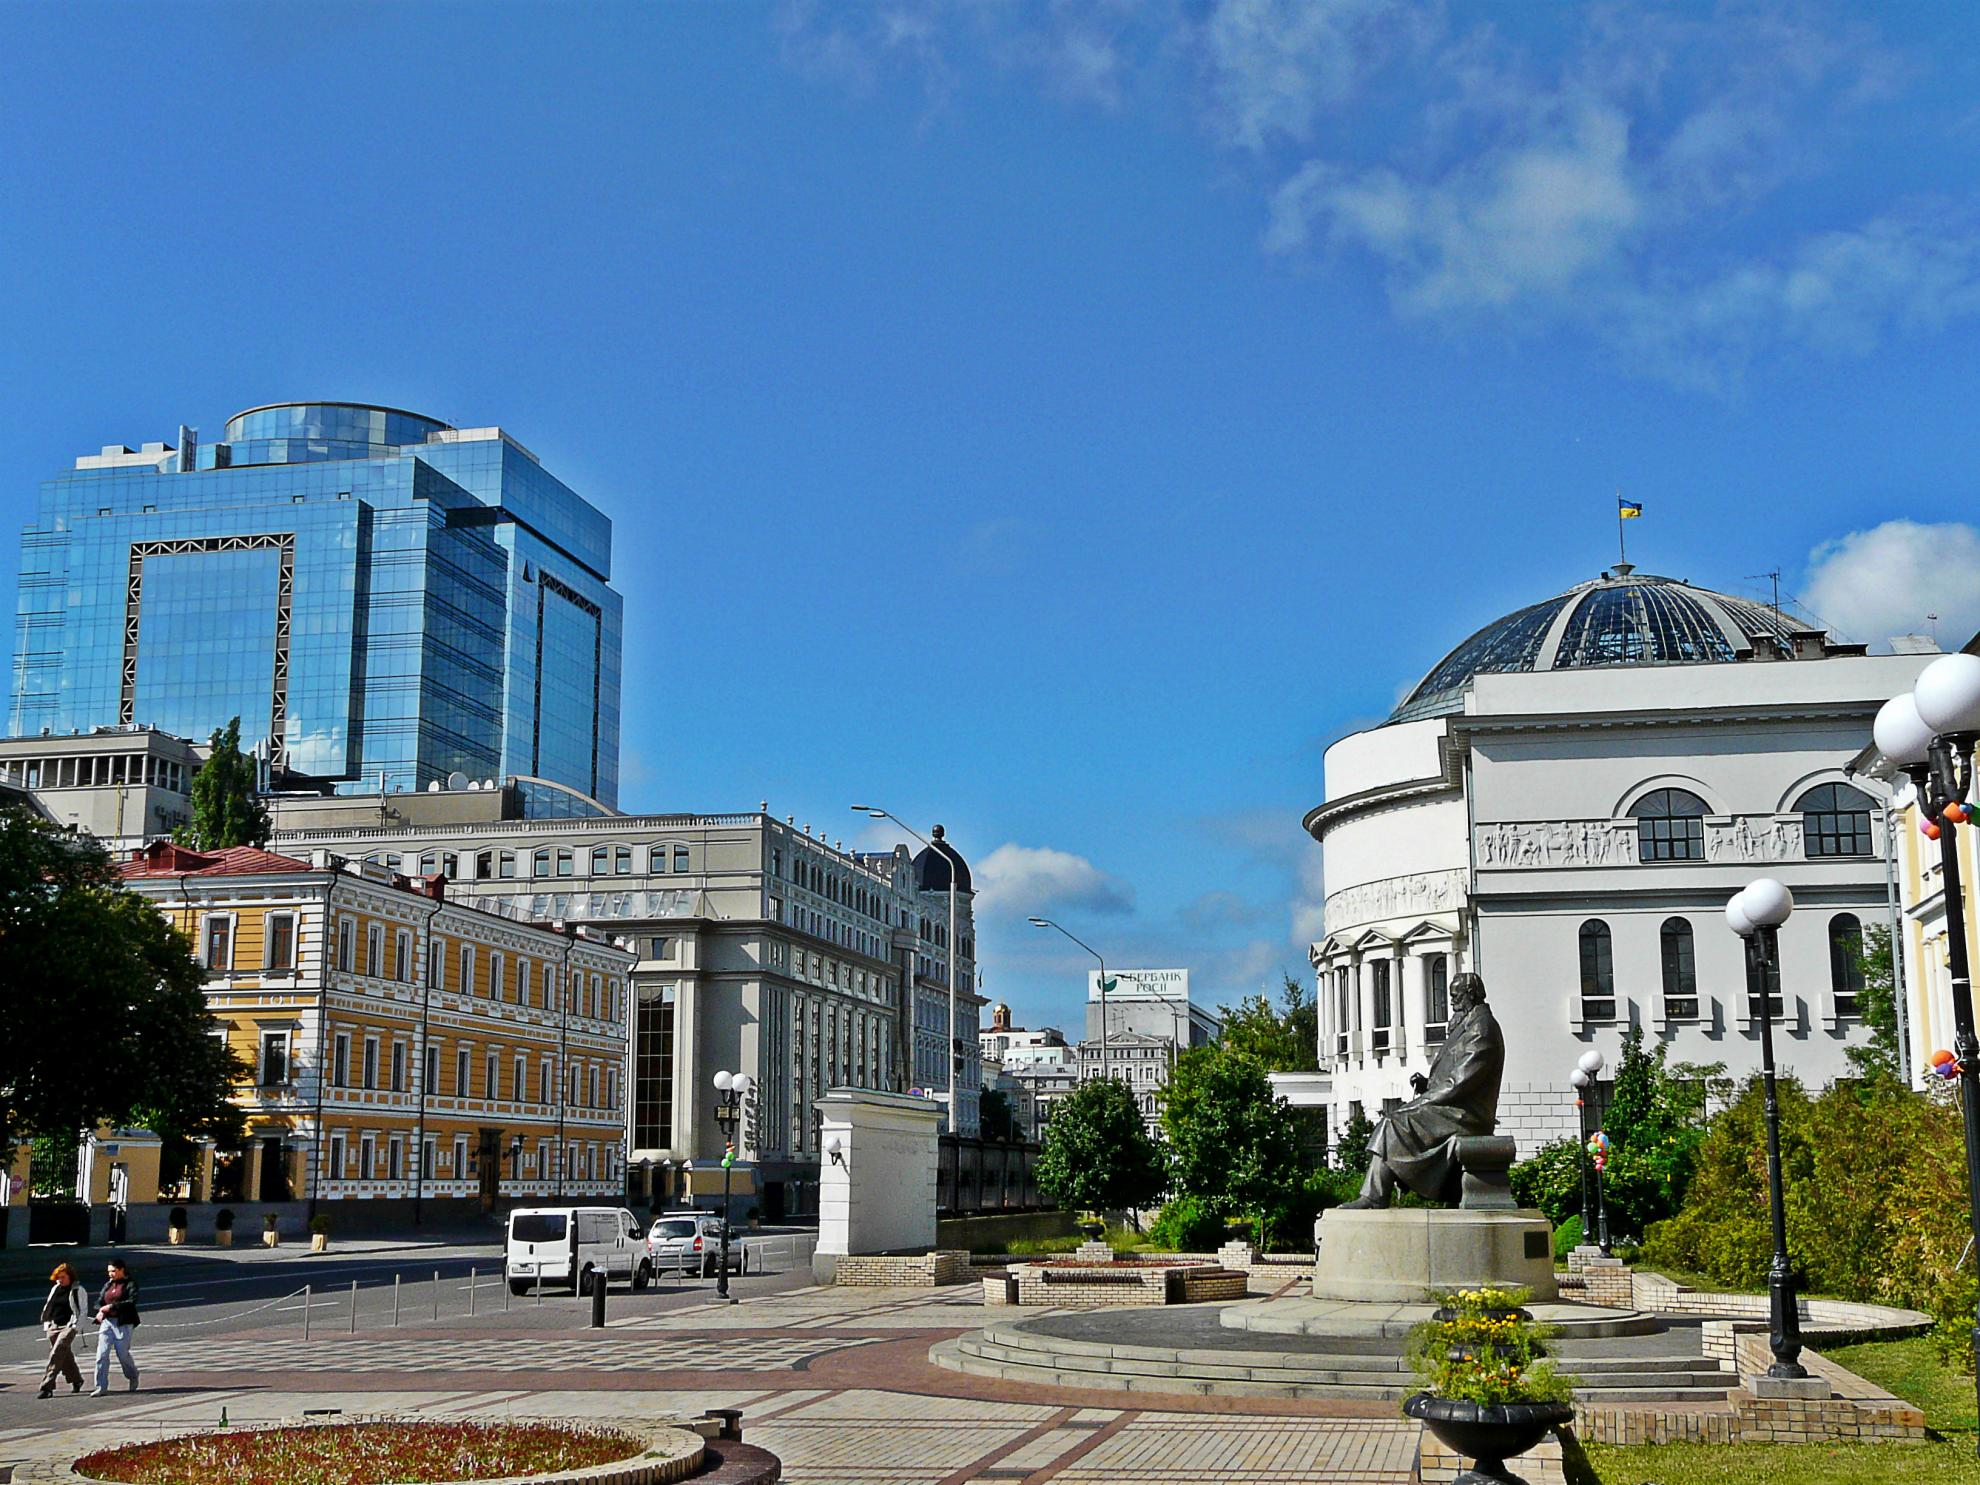 Володимирська вулиця, Київ: ТОП-10 пам'яток, як дістатися - md-ukraine